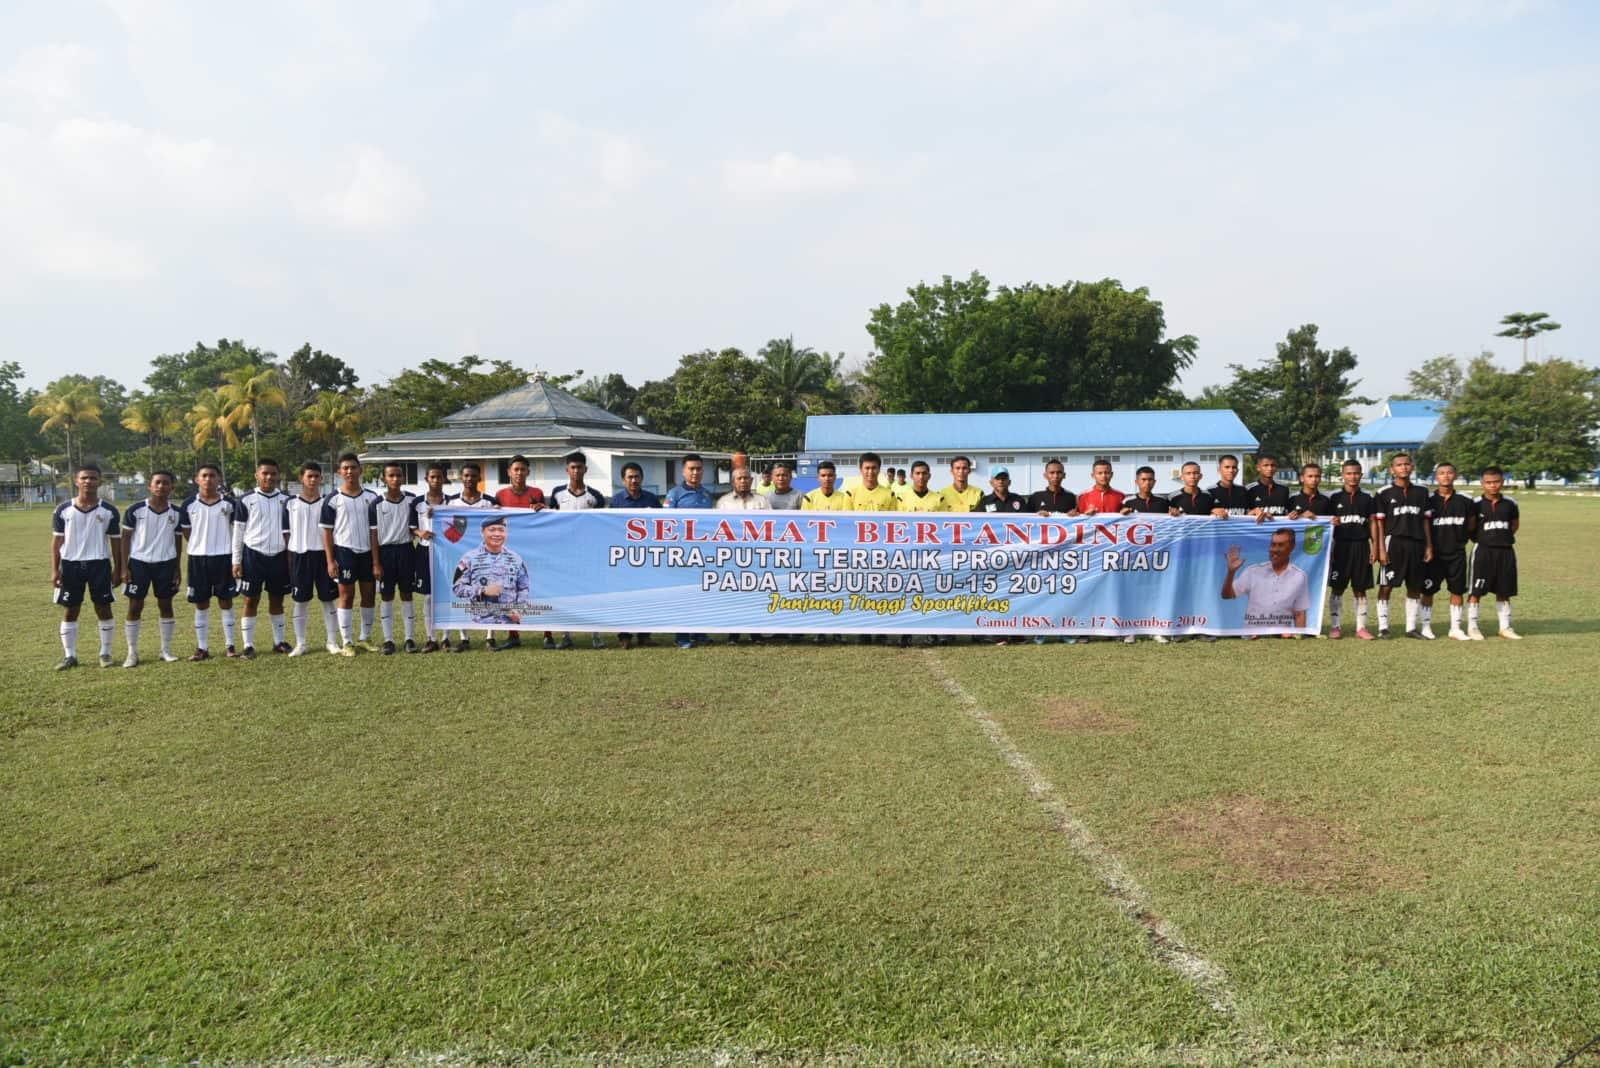 Inginkan Talenta Riau Berkiprah, Danlanud Rsn Dukung Kejurda U-15